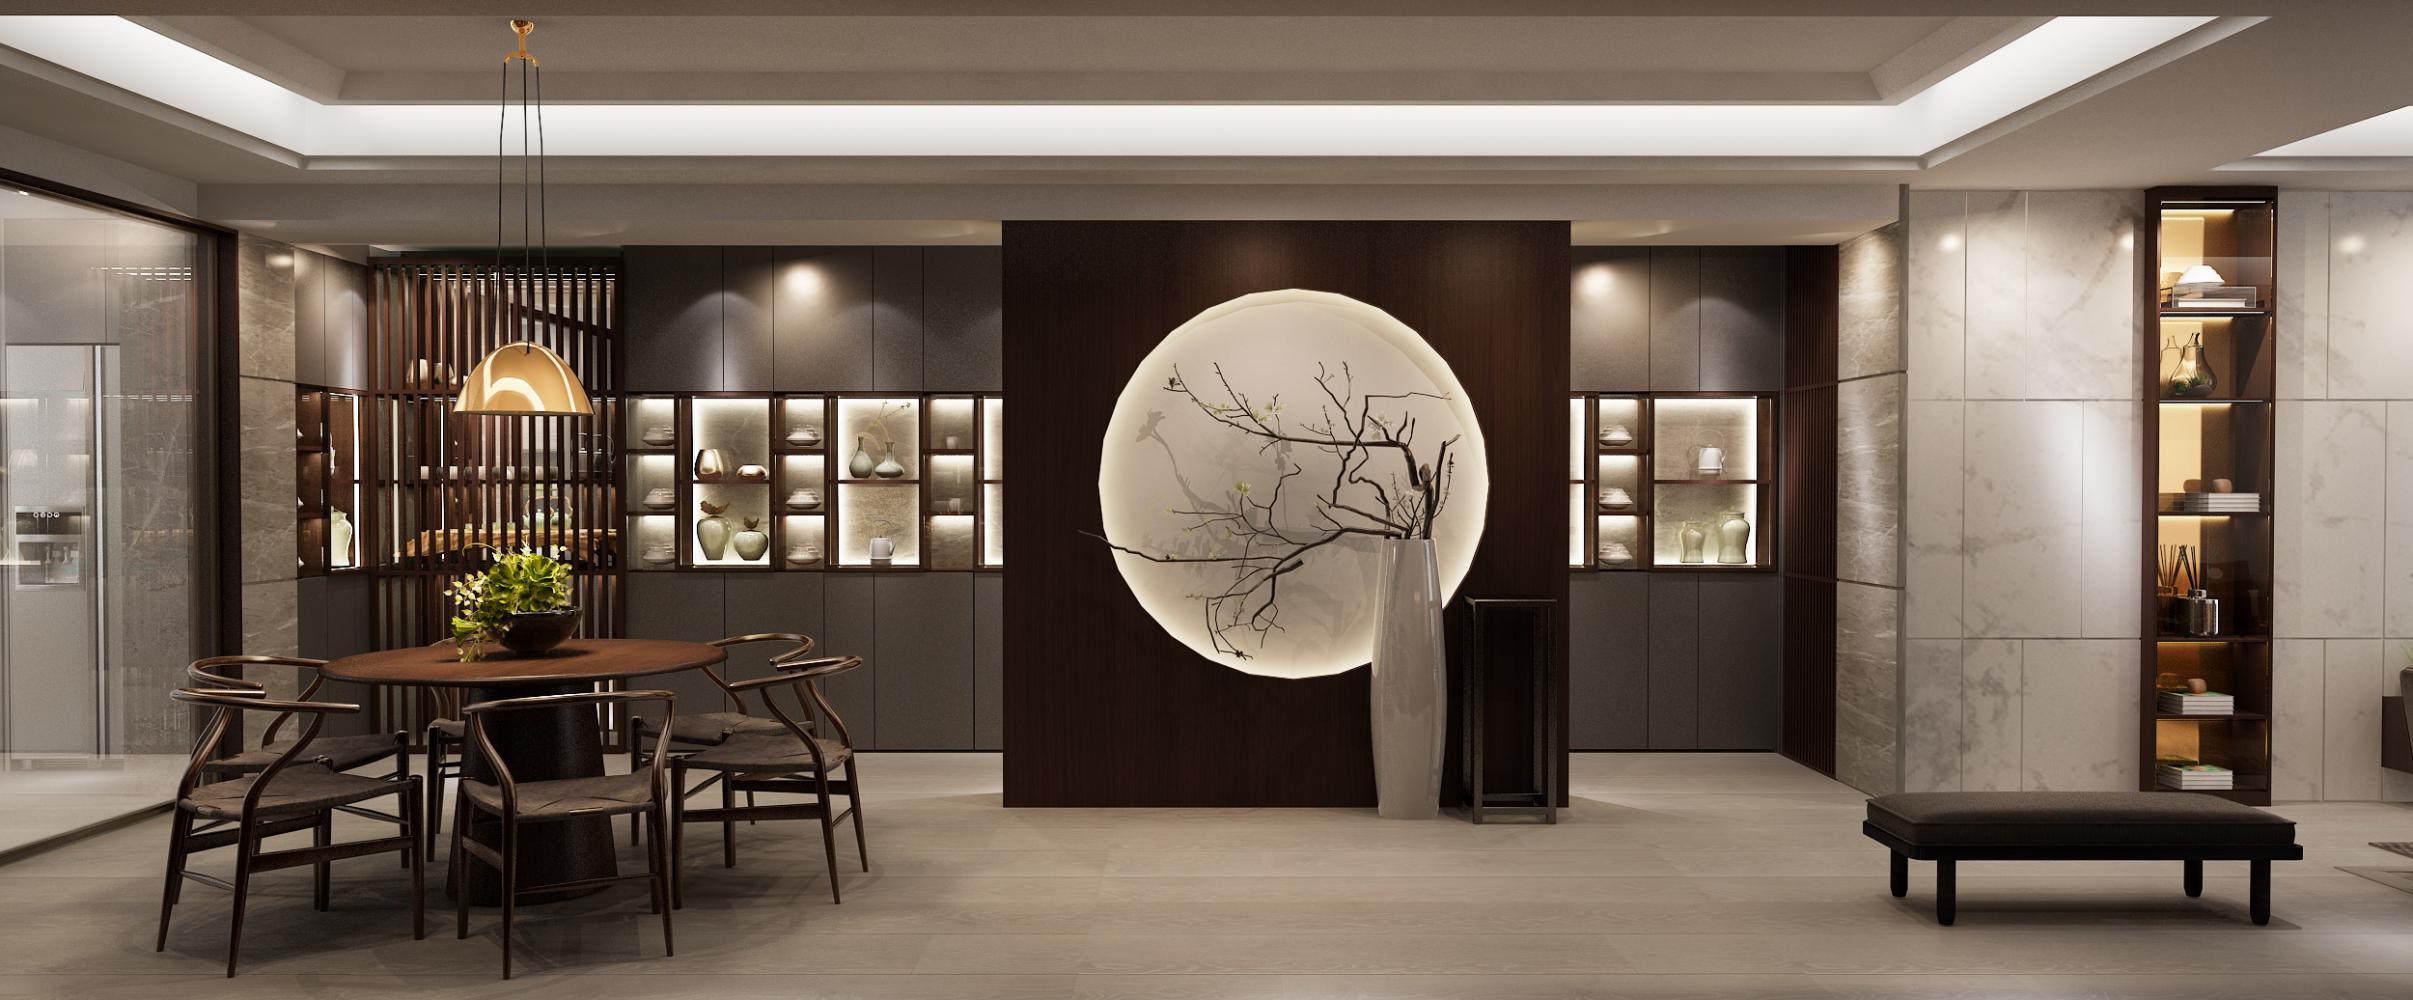 中式门厅柜效果图大全,中式家庭门厅装修图,中式拉门效果图